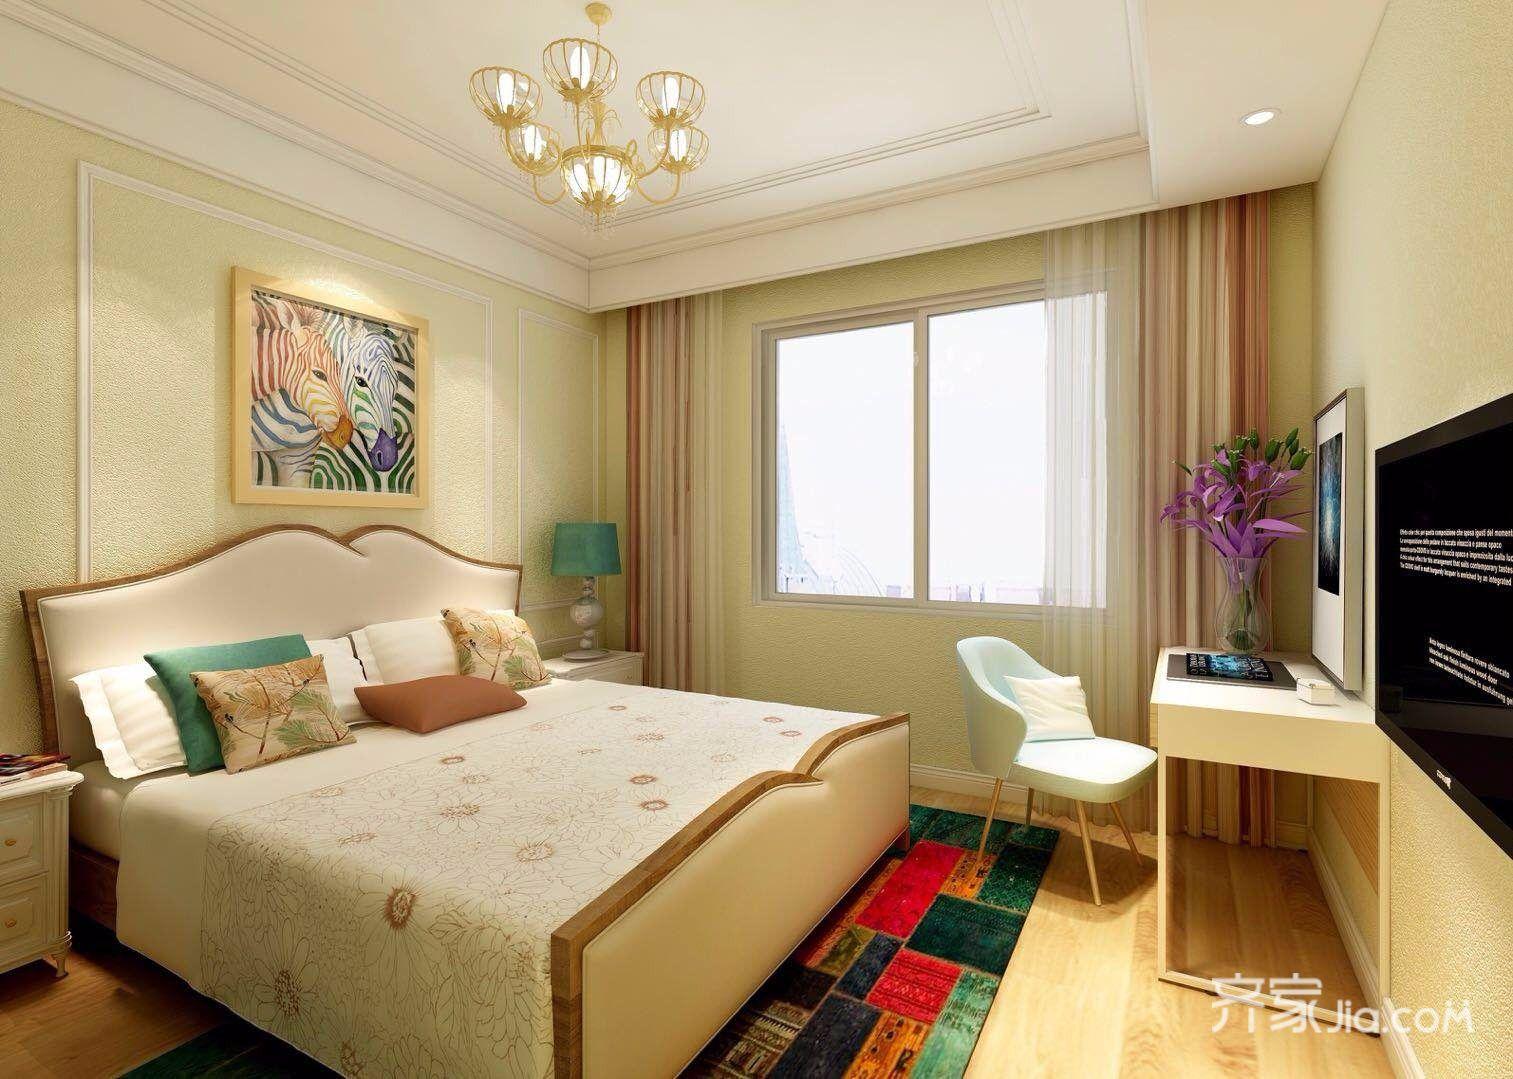 106平米混搭风格卧室装修效果图